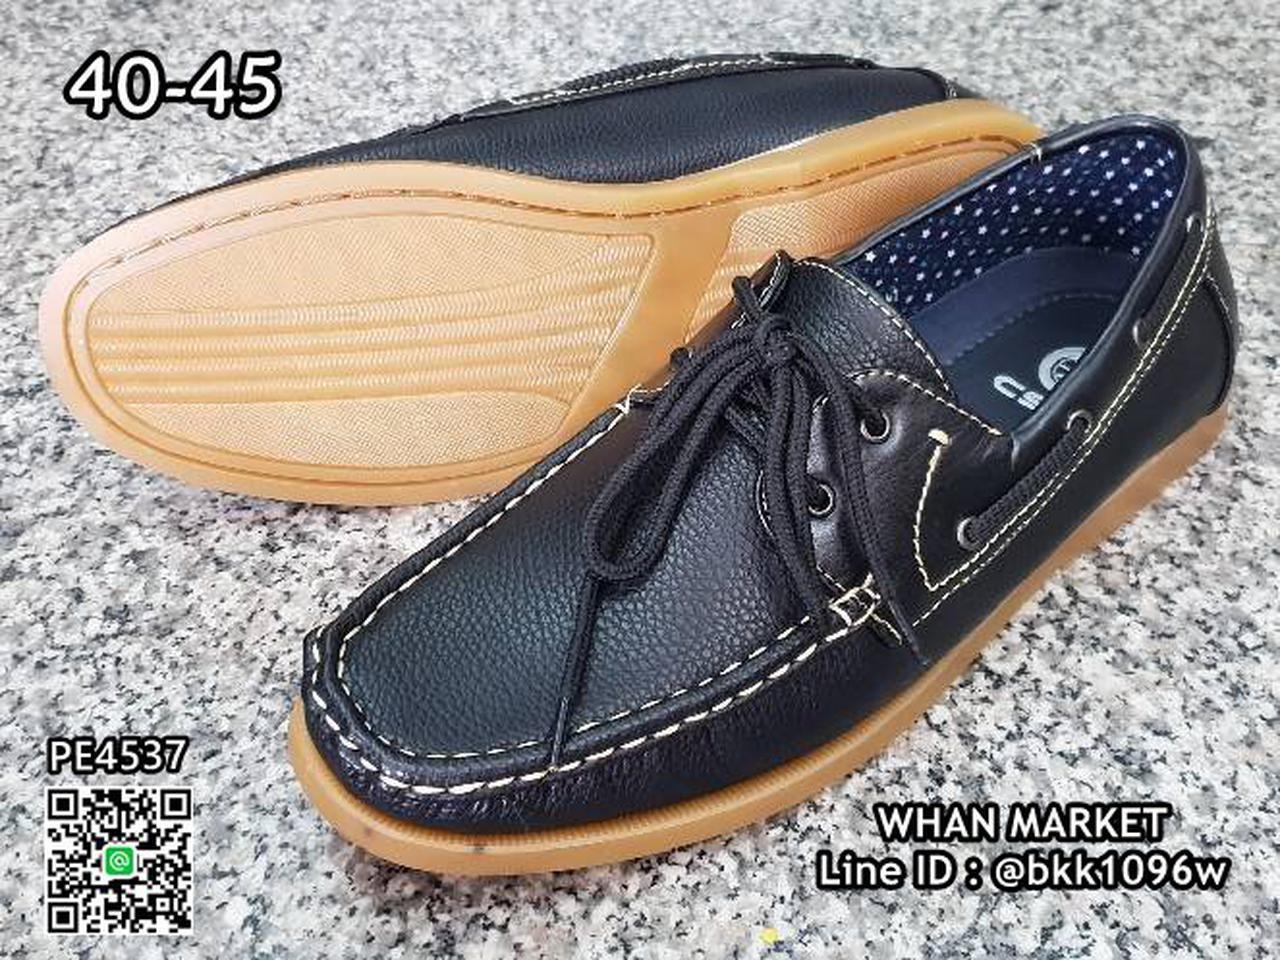 รองเท้าคัชชูหนังผู้ชาย boat shoes วัสดุหนังPU คุณภาพดี  รูปที่ 6